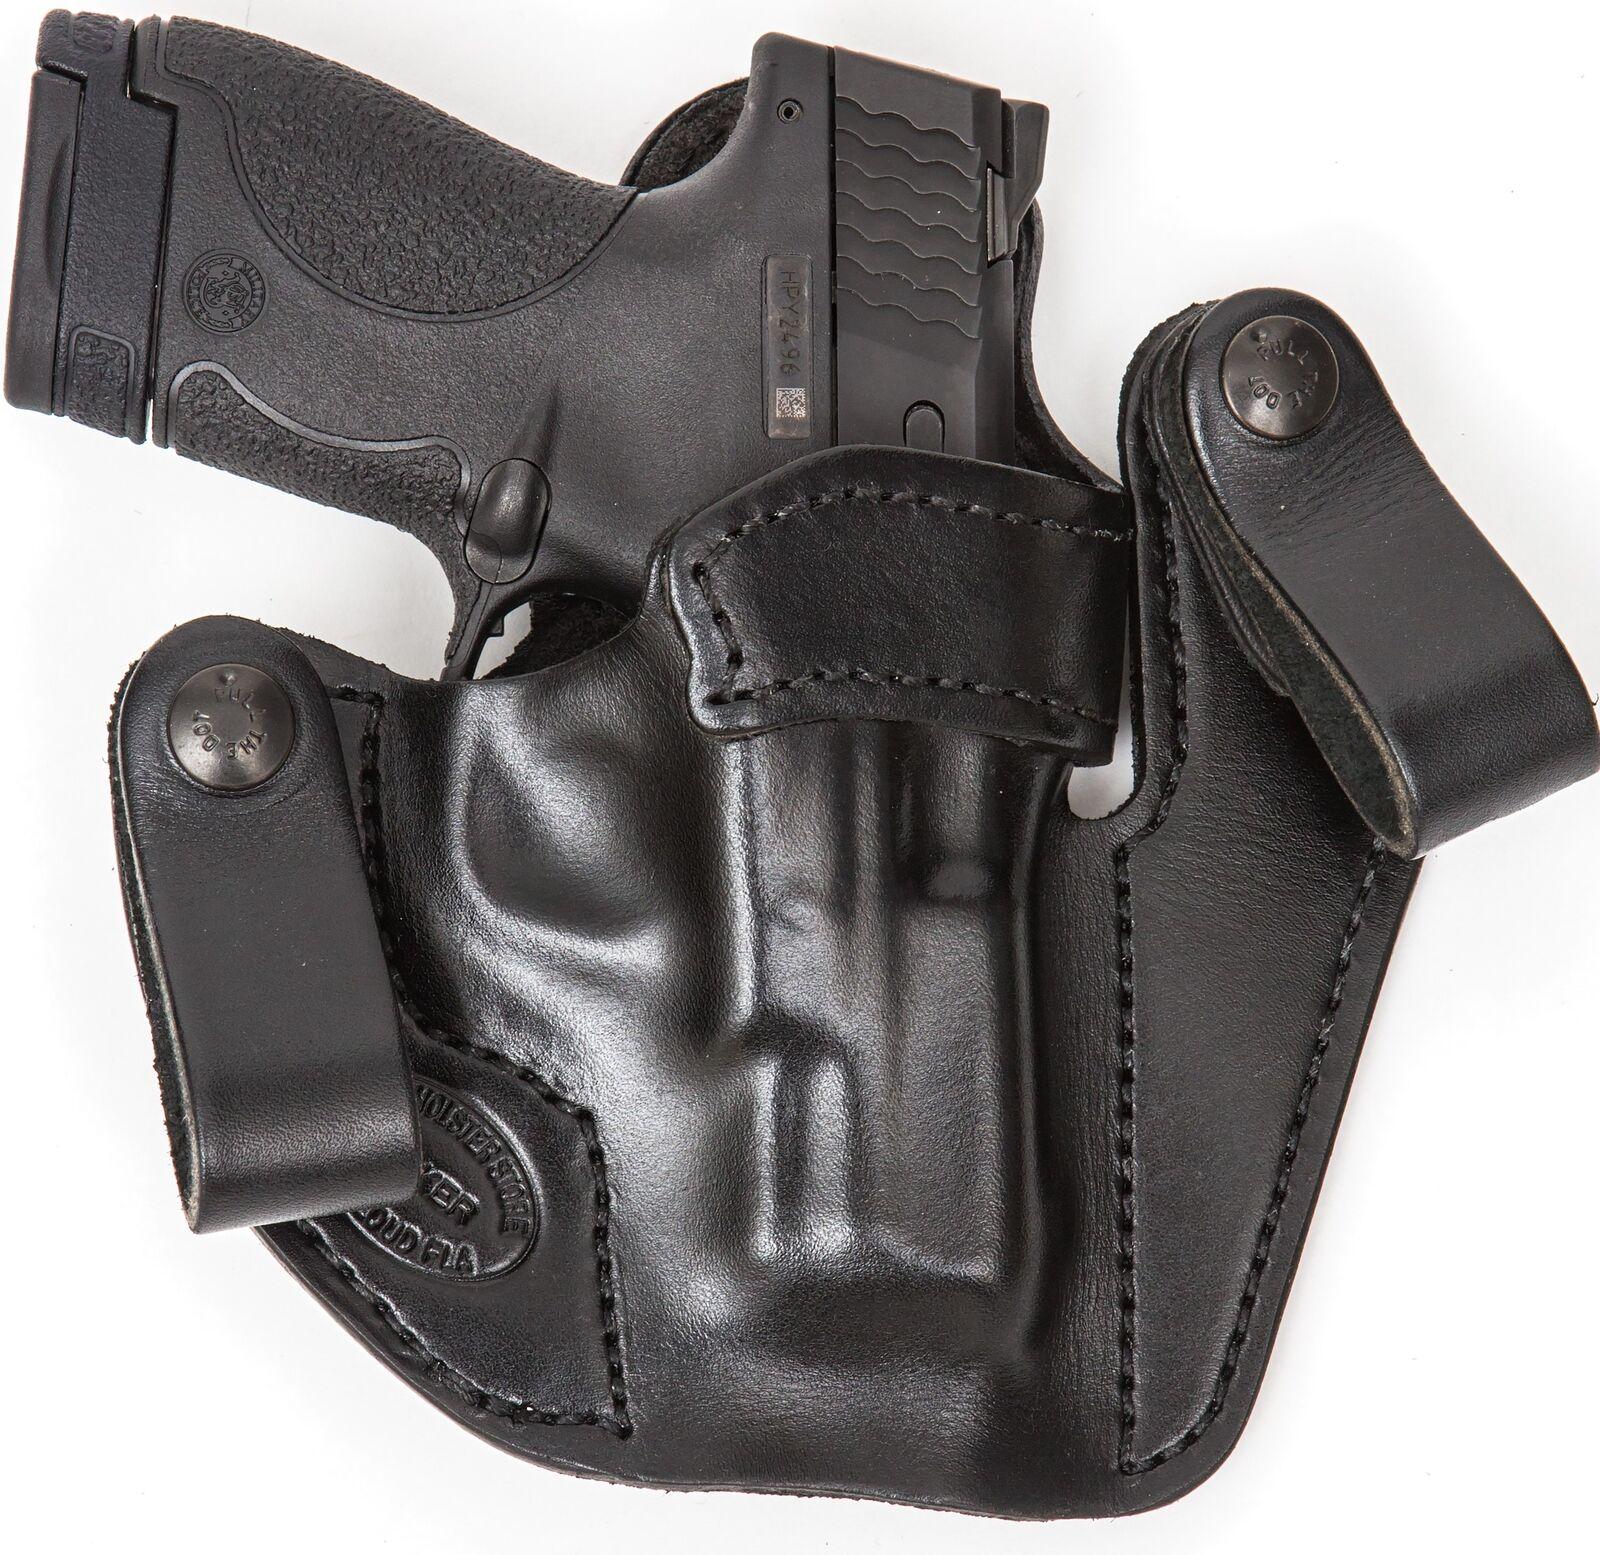 XTREME llevar RH LH dentro de la cintura de cuero Funda Pistola Para Ruger LC9